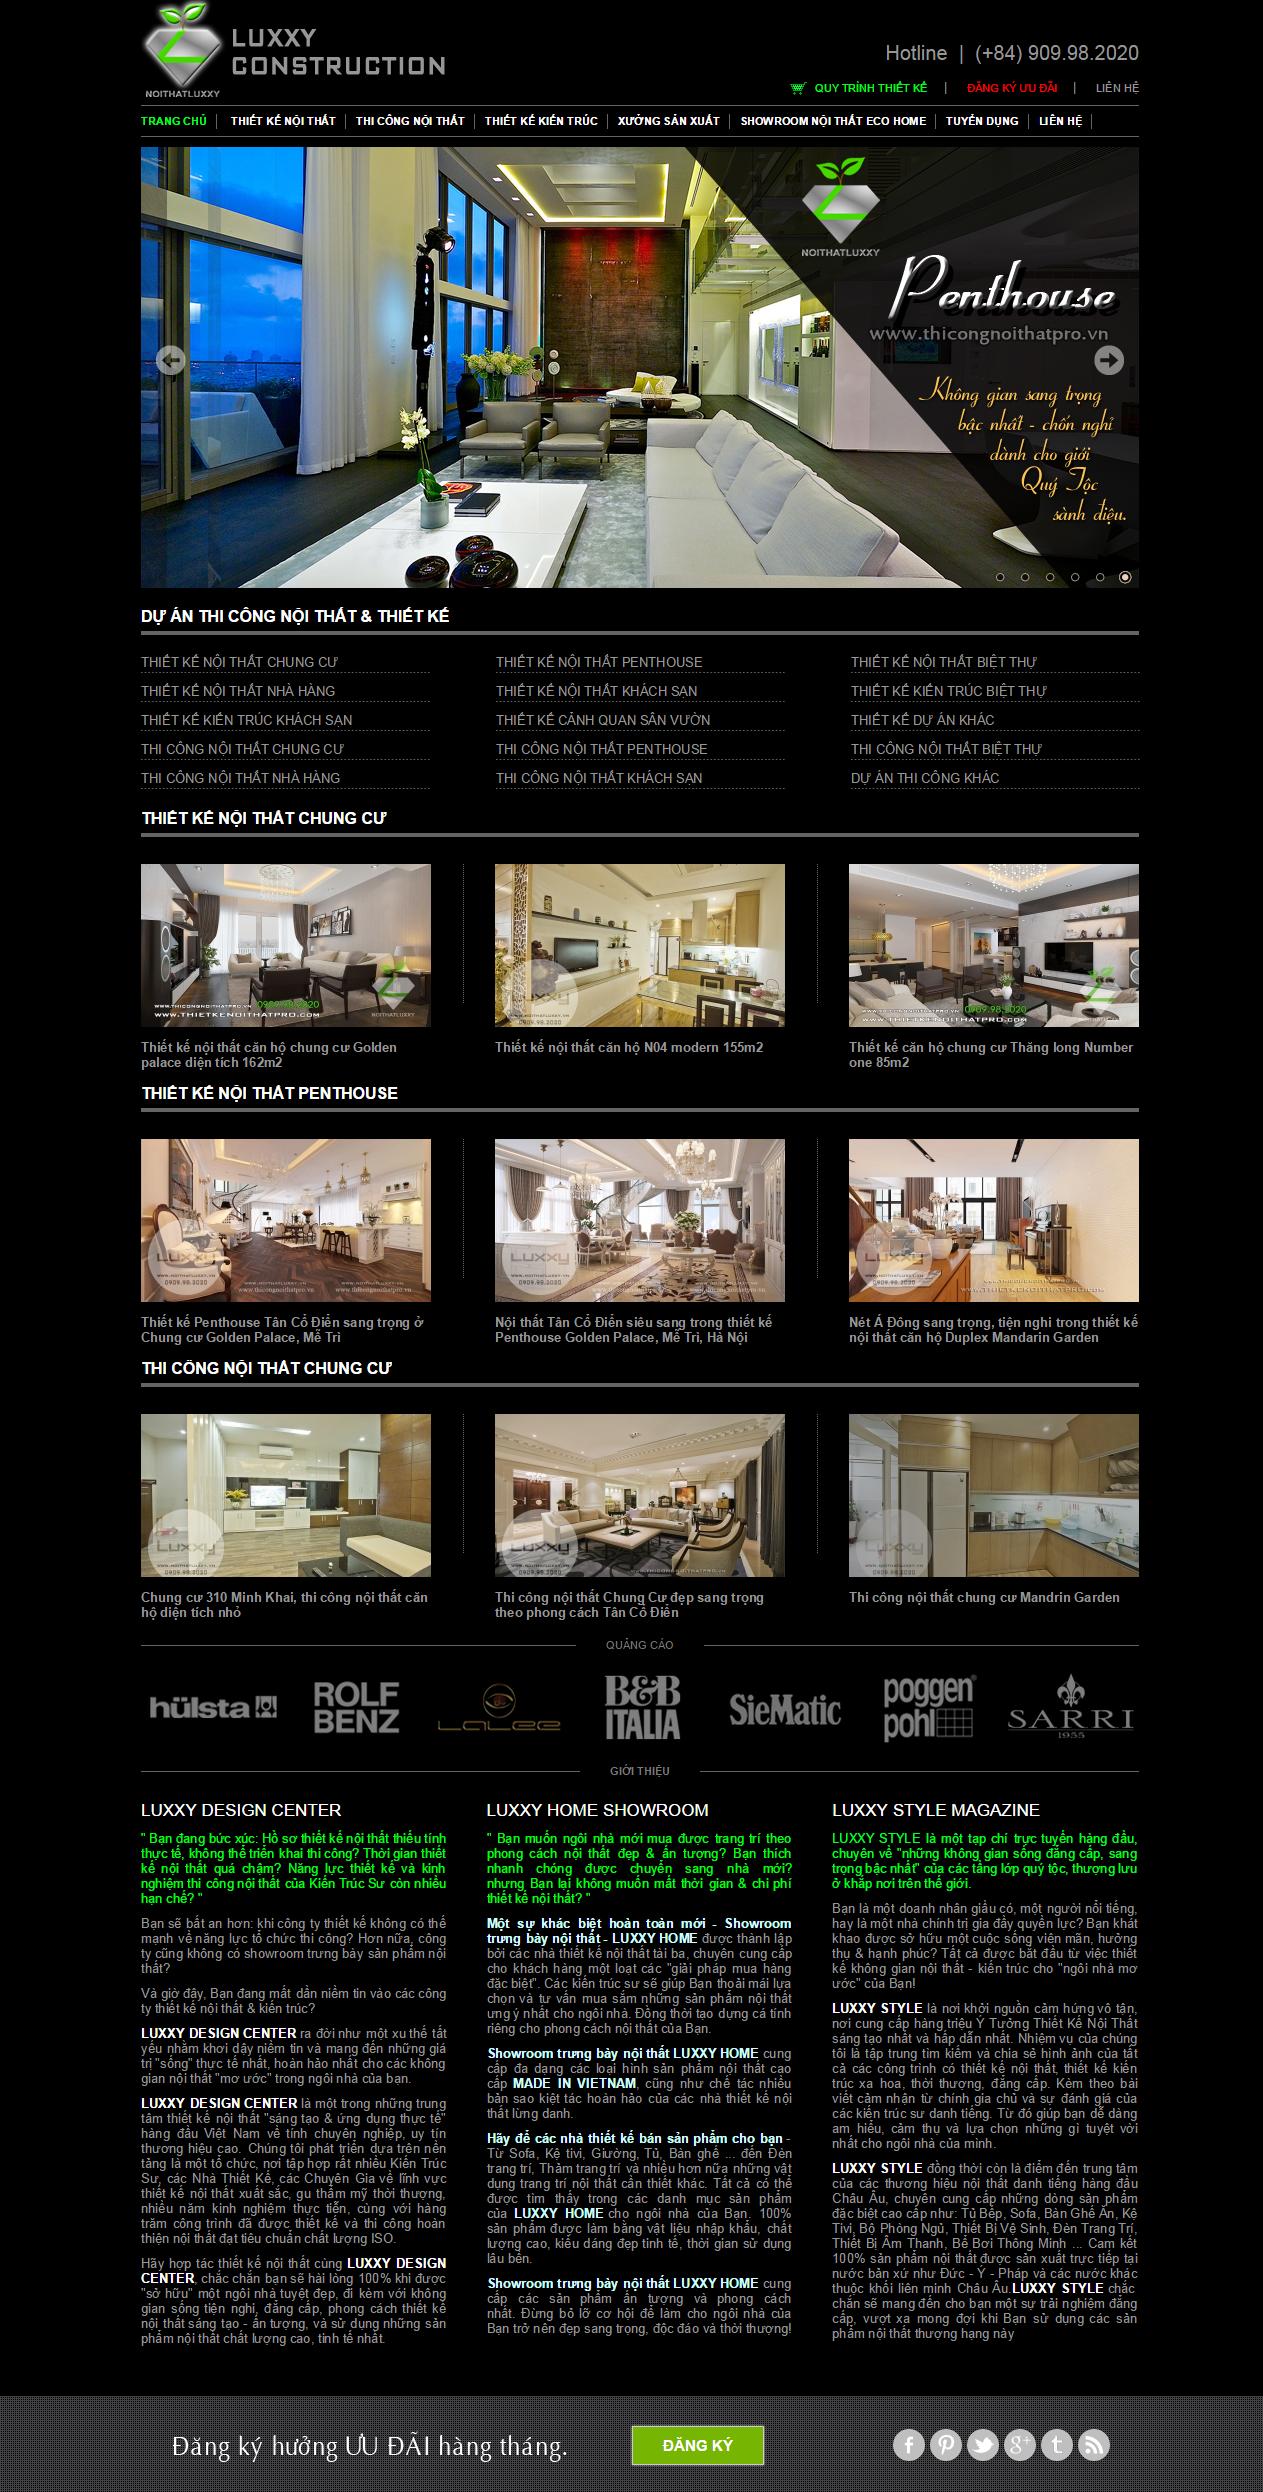 Thiết kế web giá rẻ kiến trúc nội thất